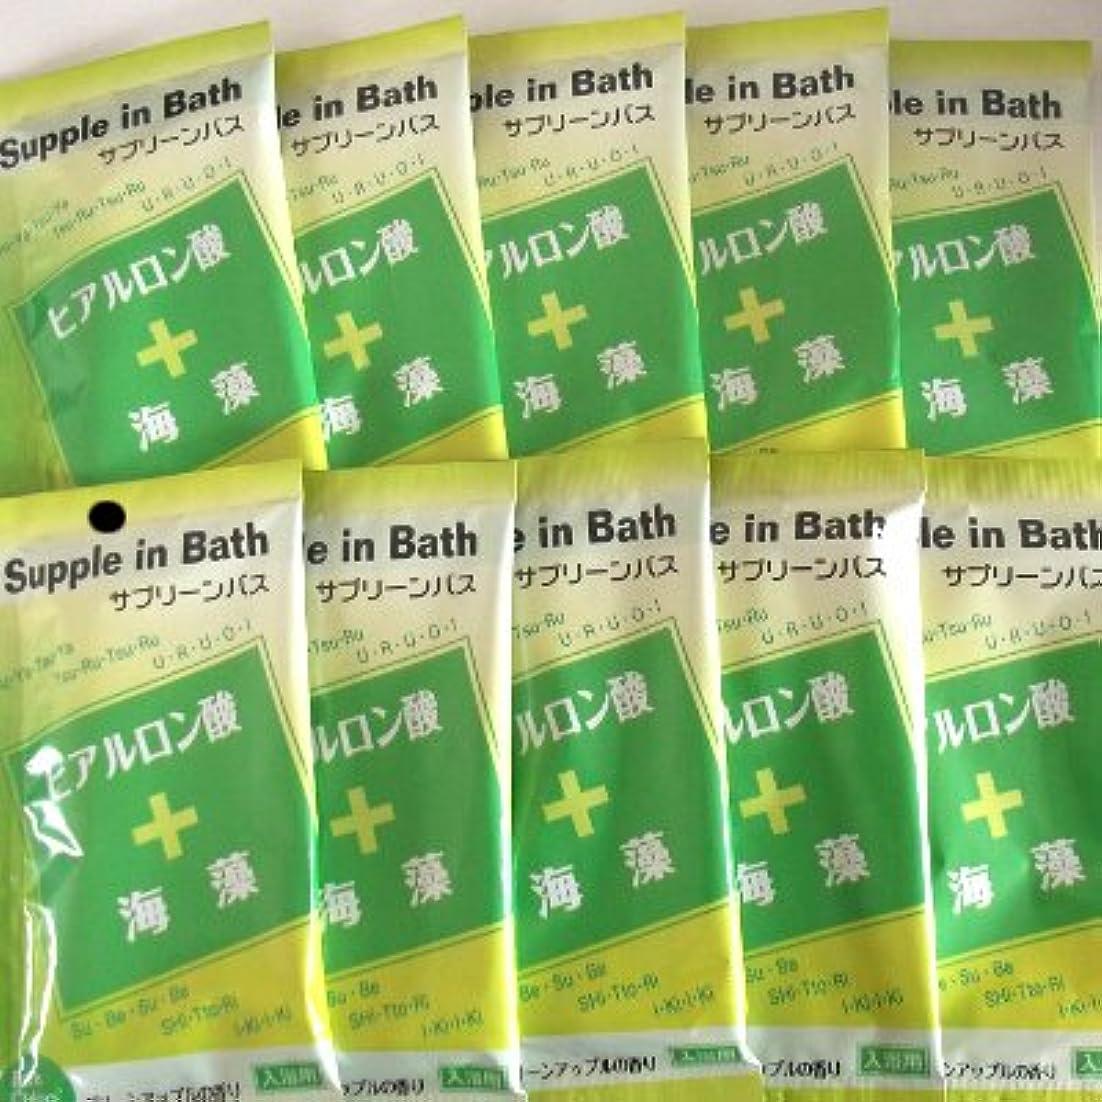 バター許される投げるサプリーンバス ヒアルロン酸+海藻 10包セット